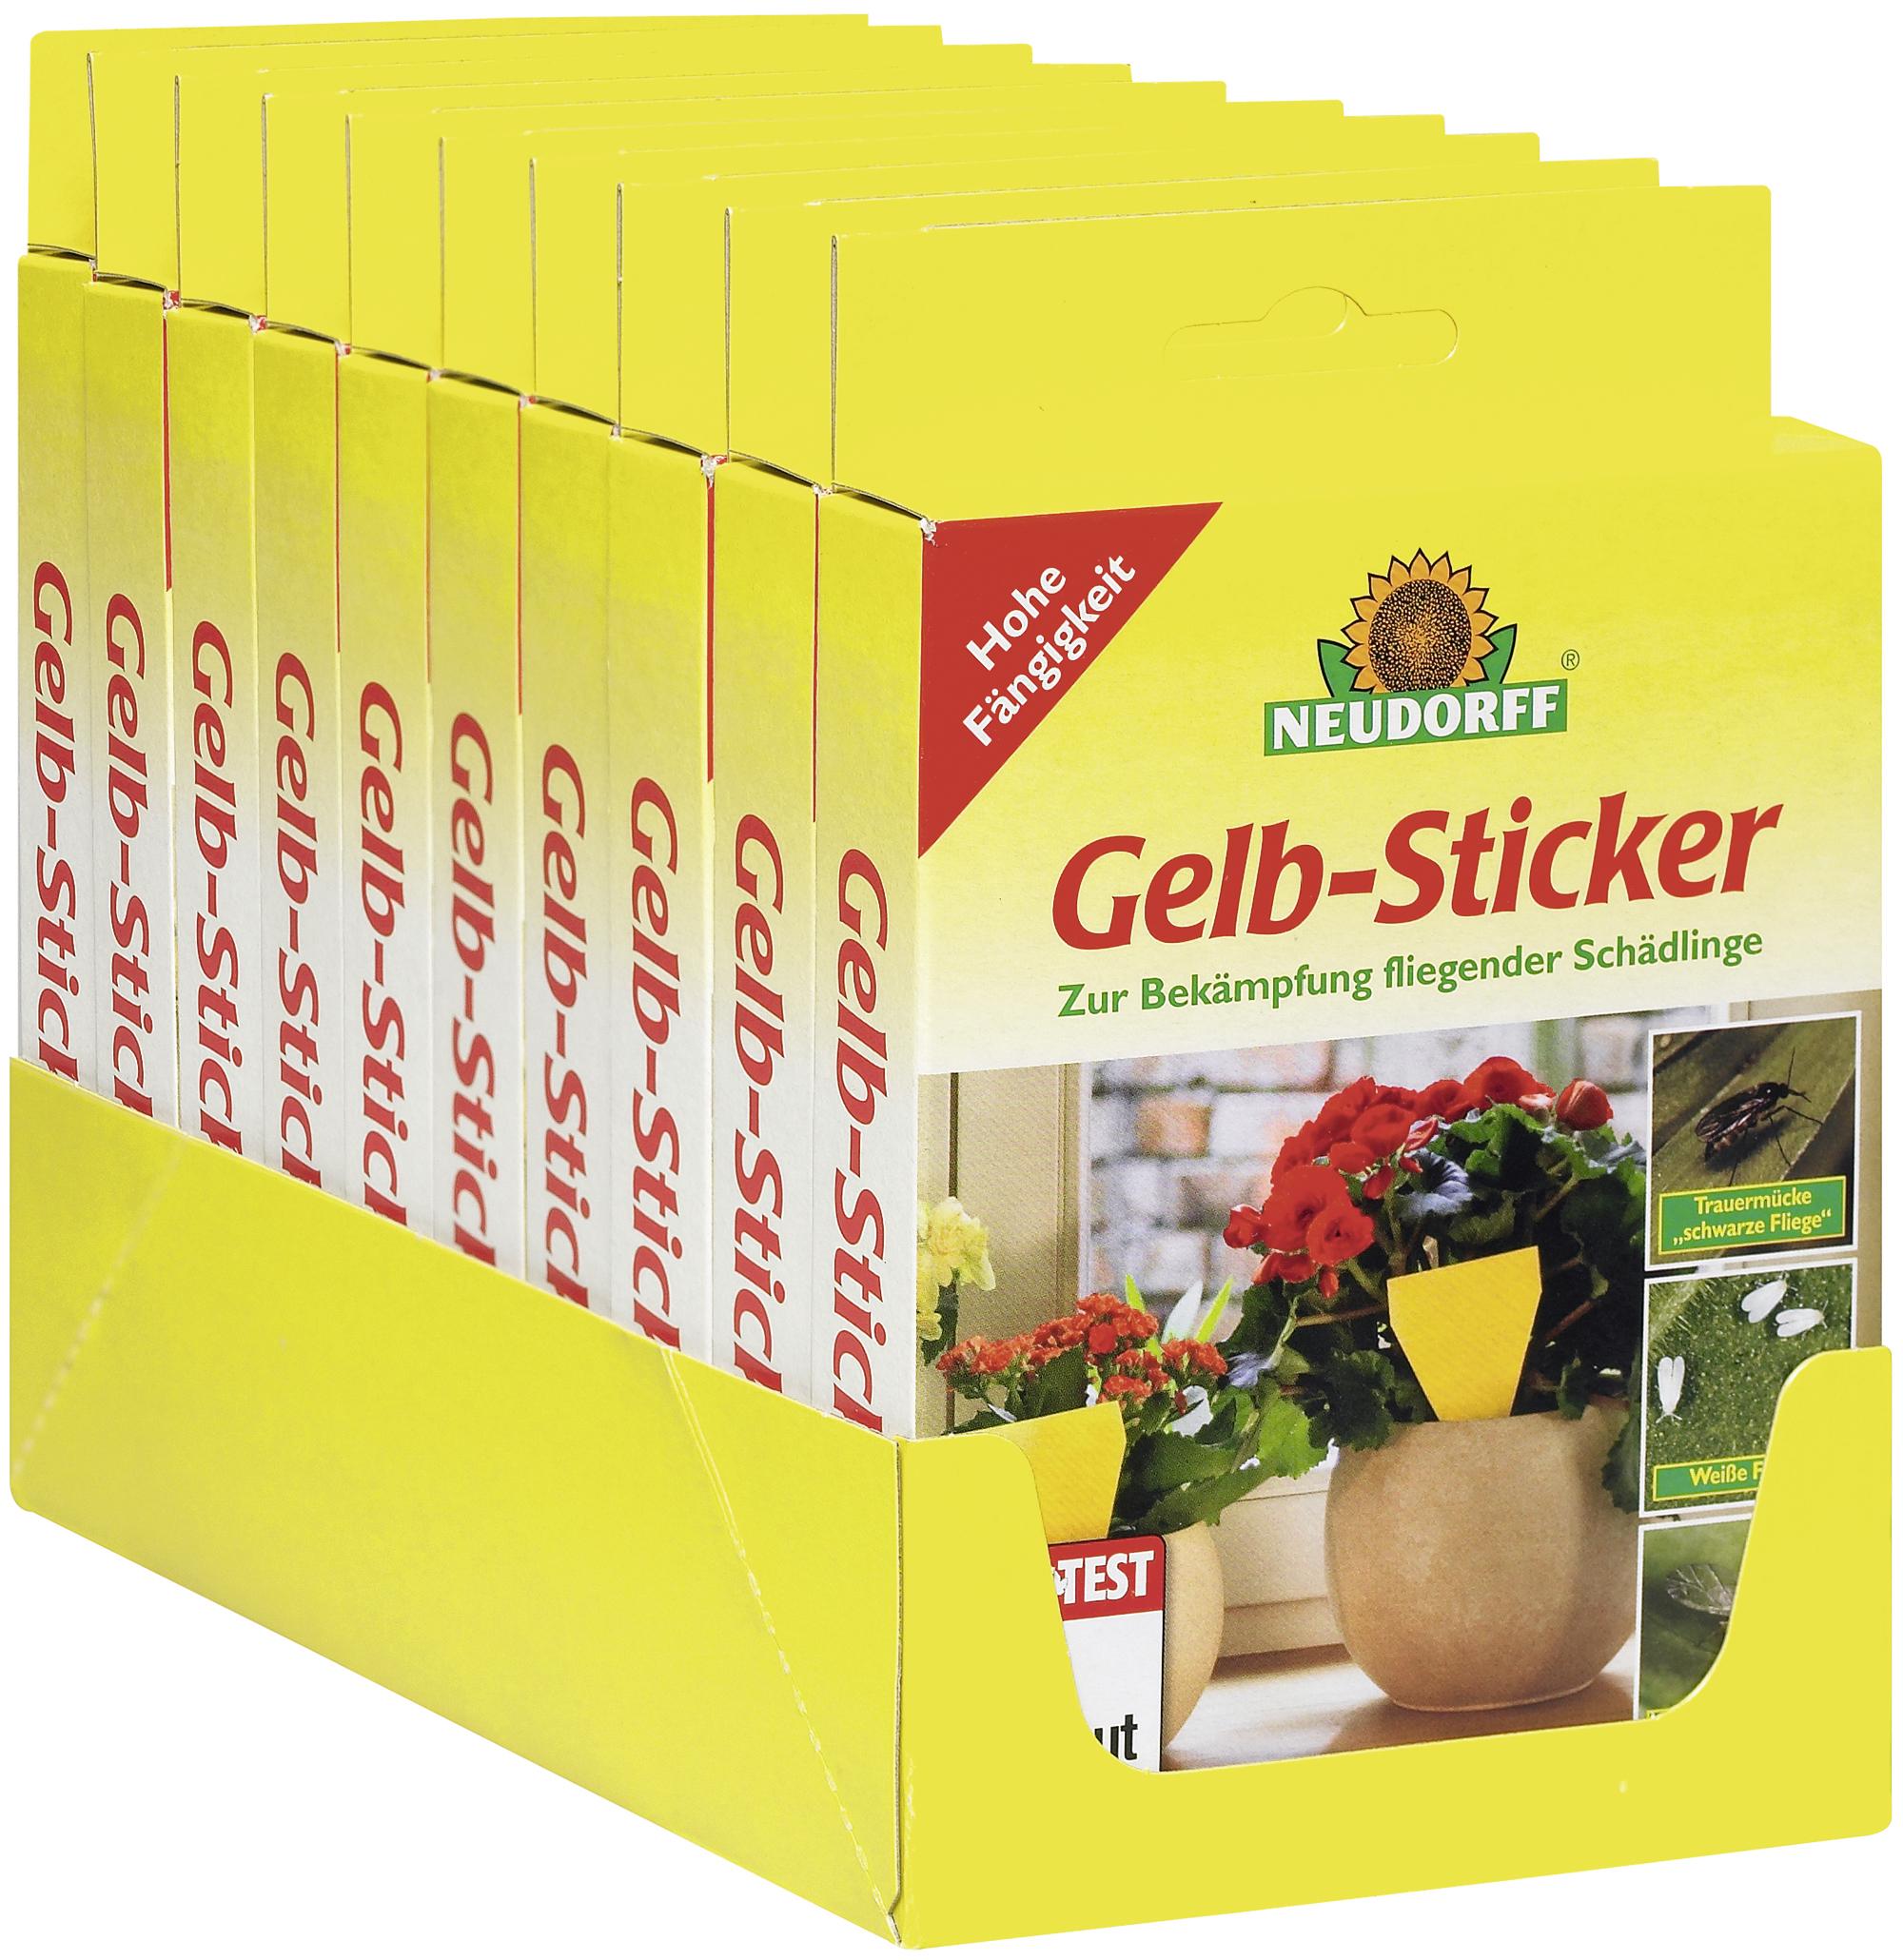 Neudorff : Gelb-Sticker